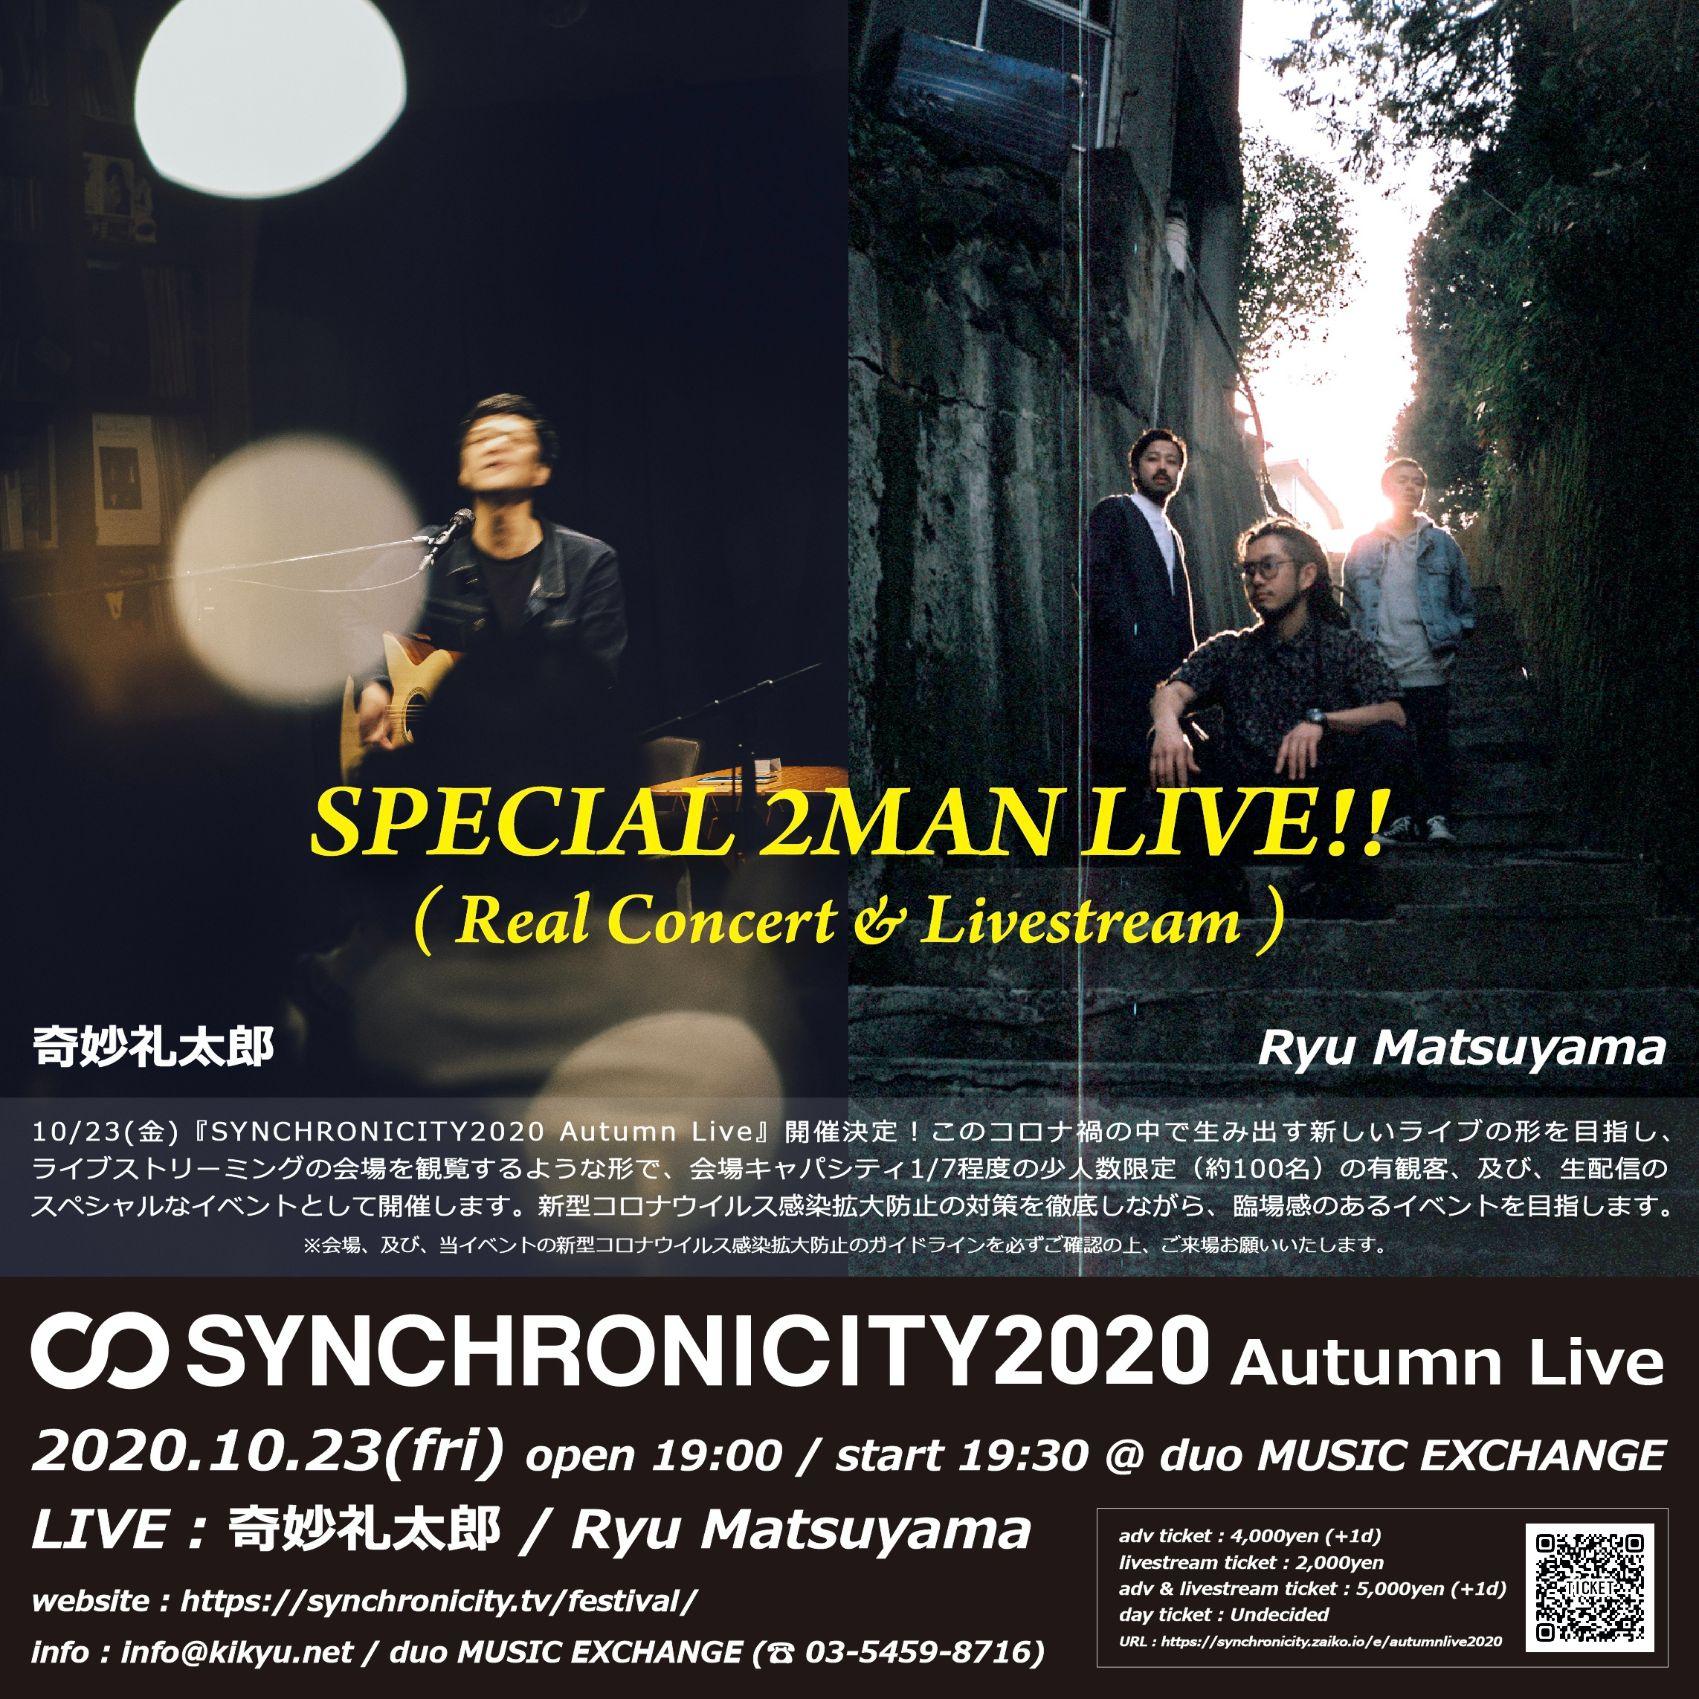 synchro2020al_flyer_square_2